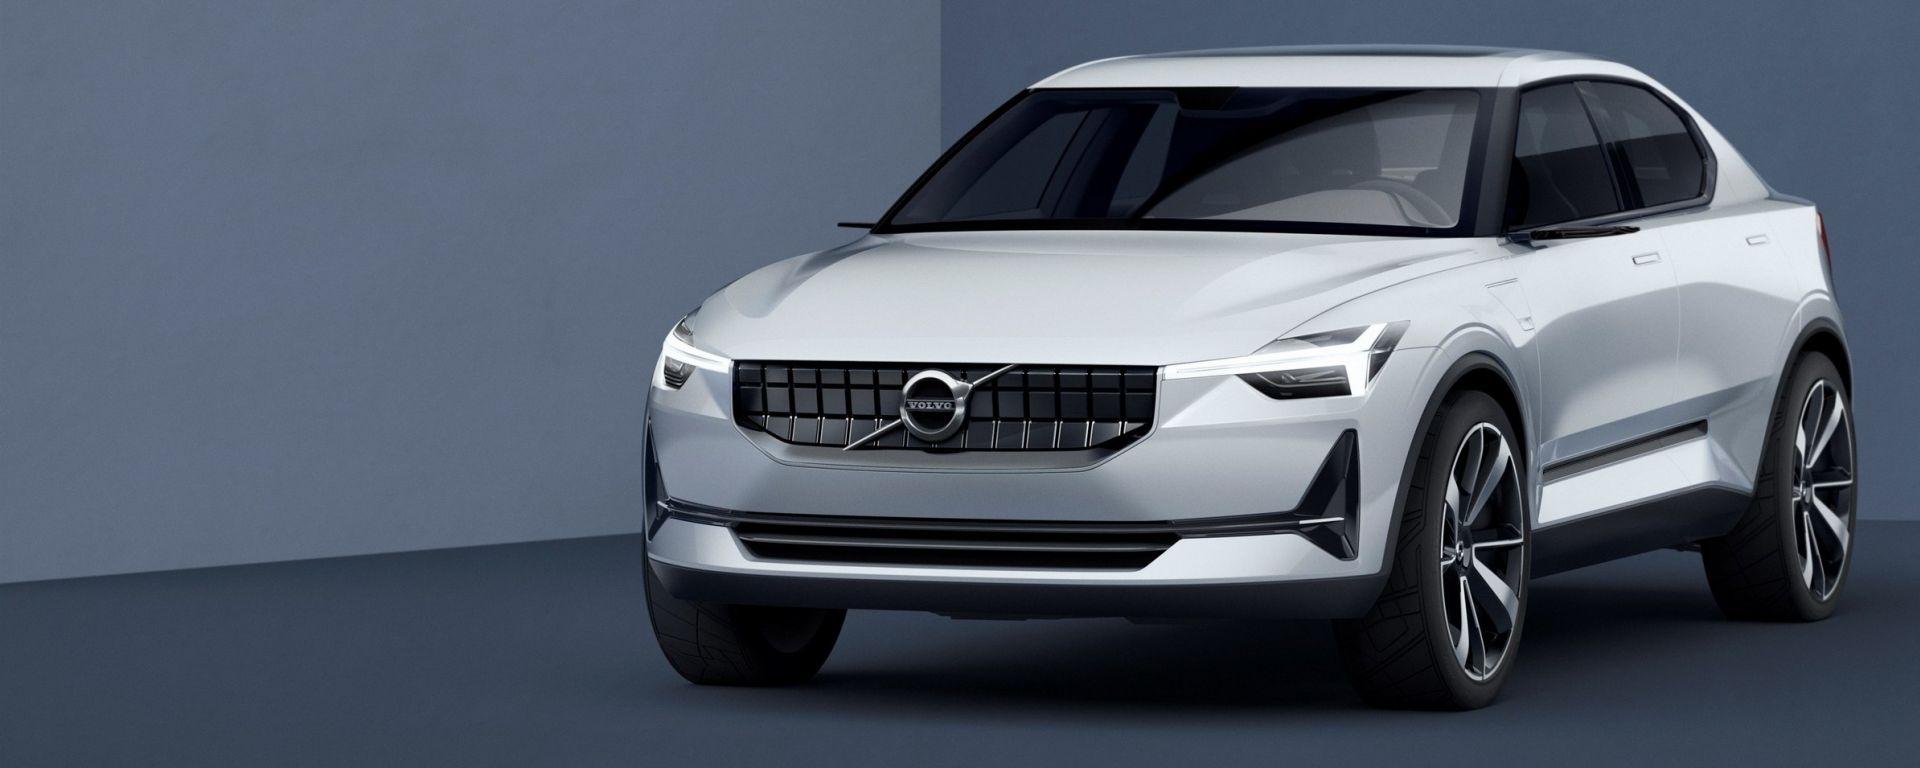 Nuova Volvo V40 2019: ecco come cambierà